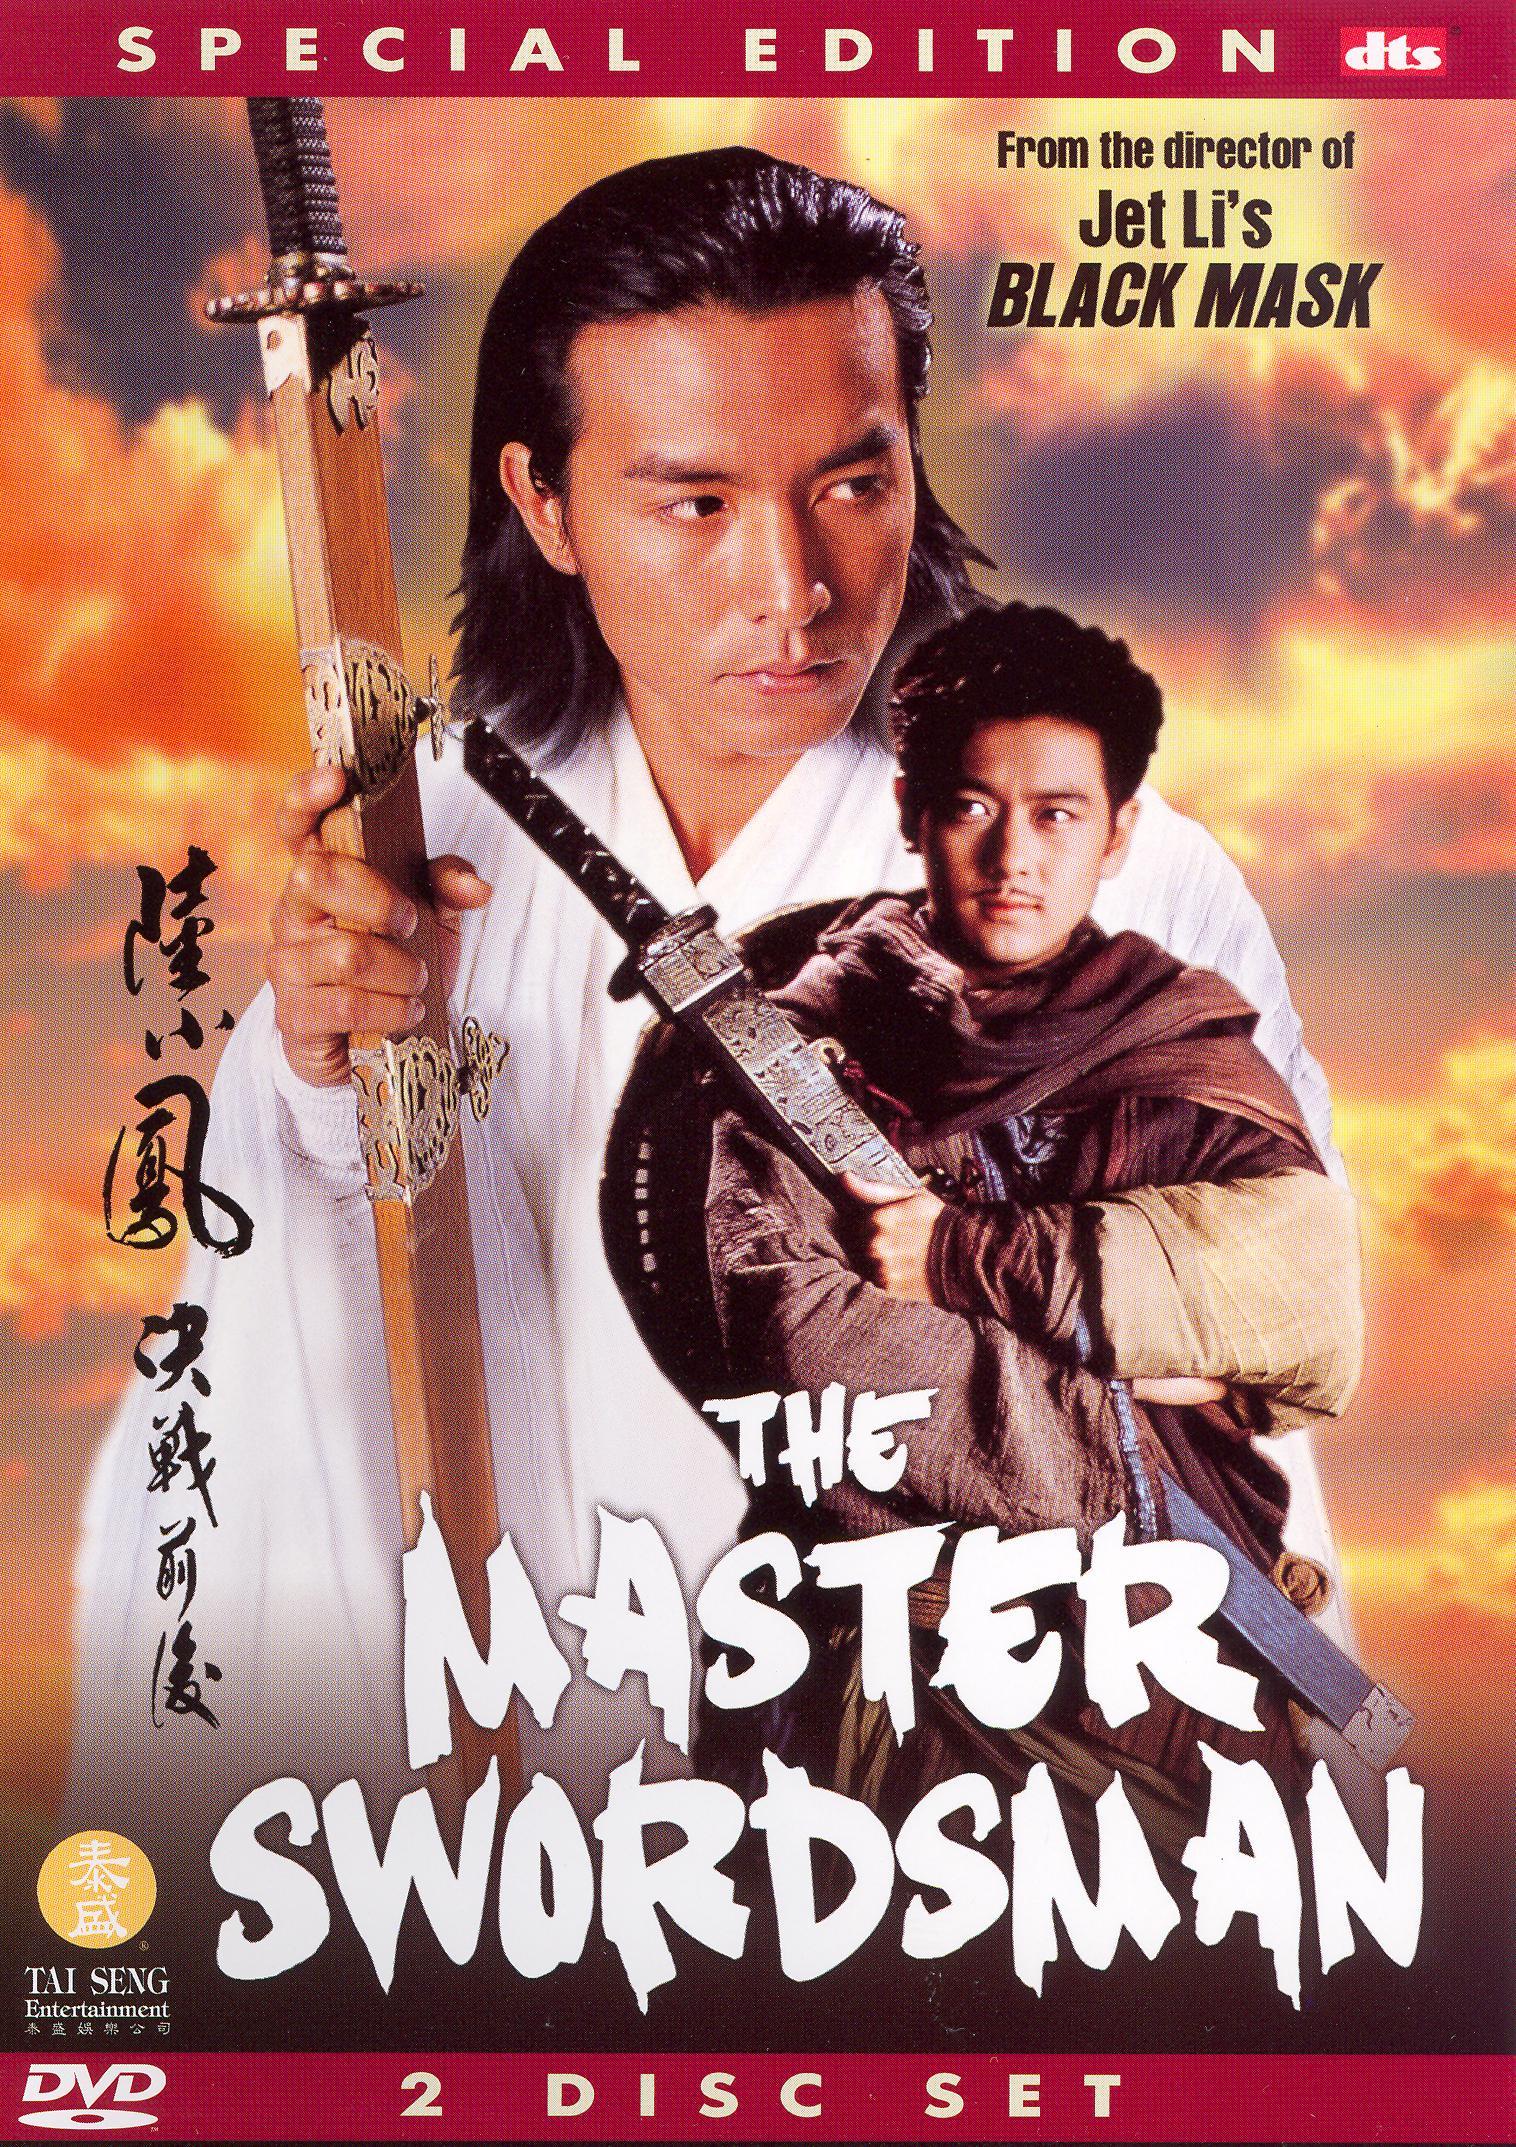 The Master Swordman